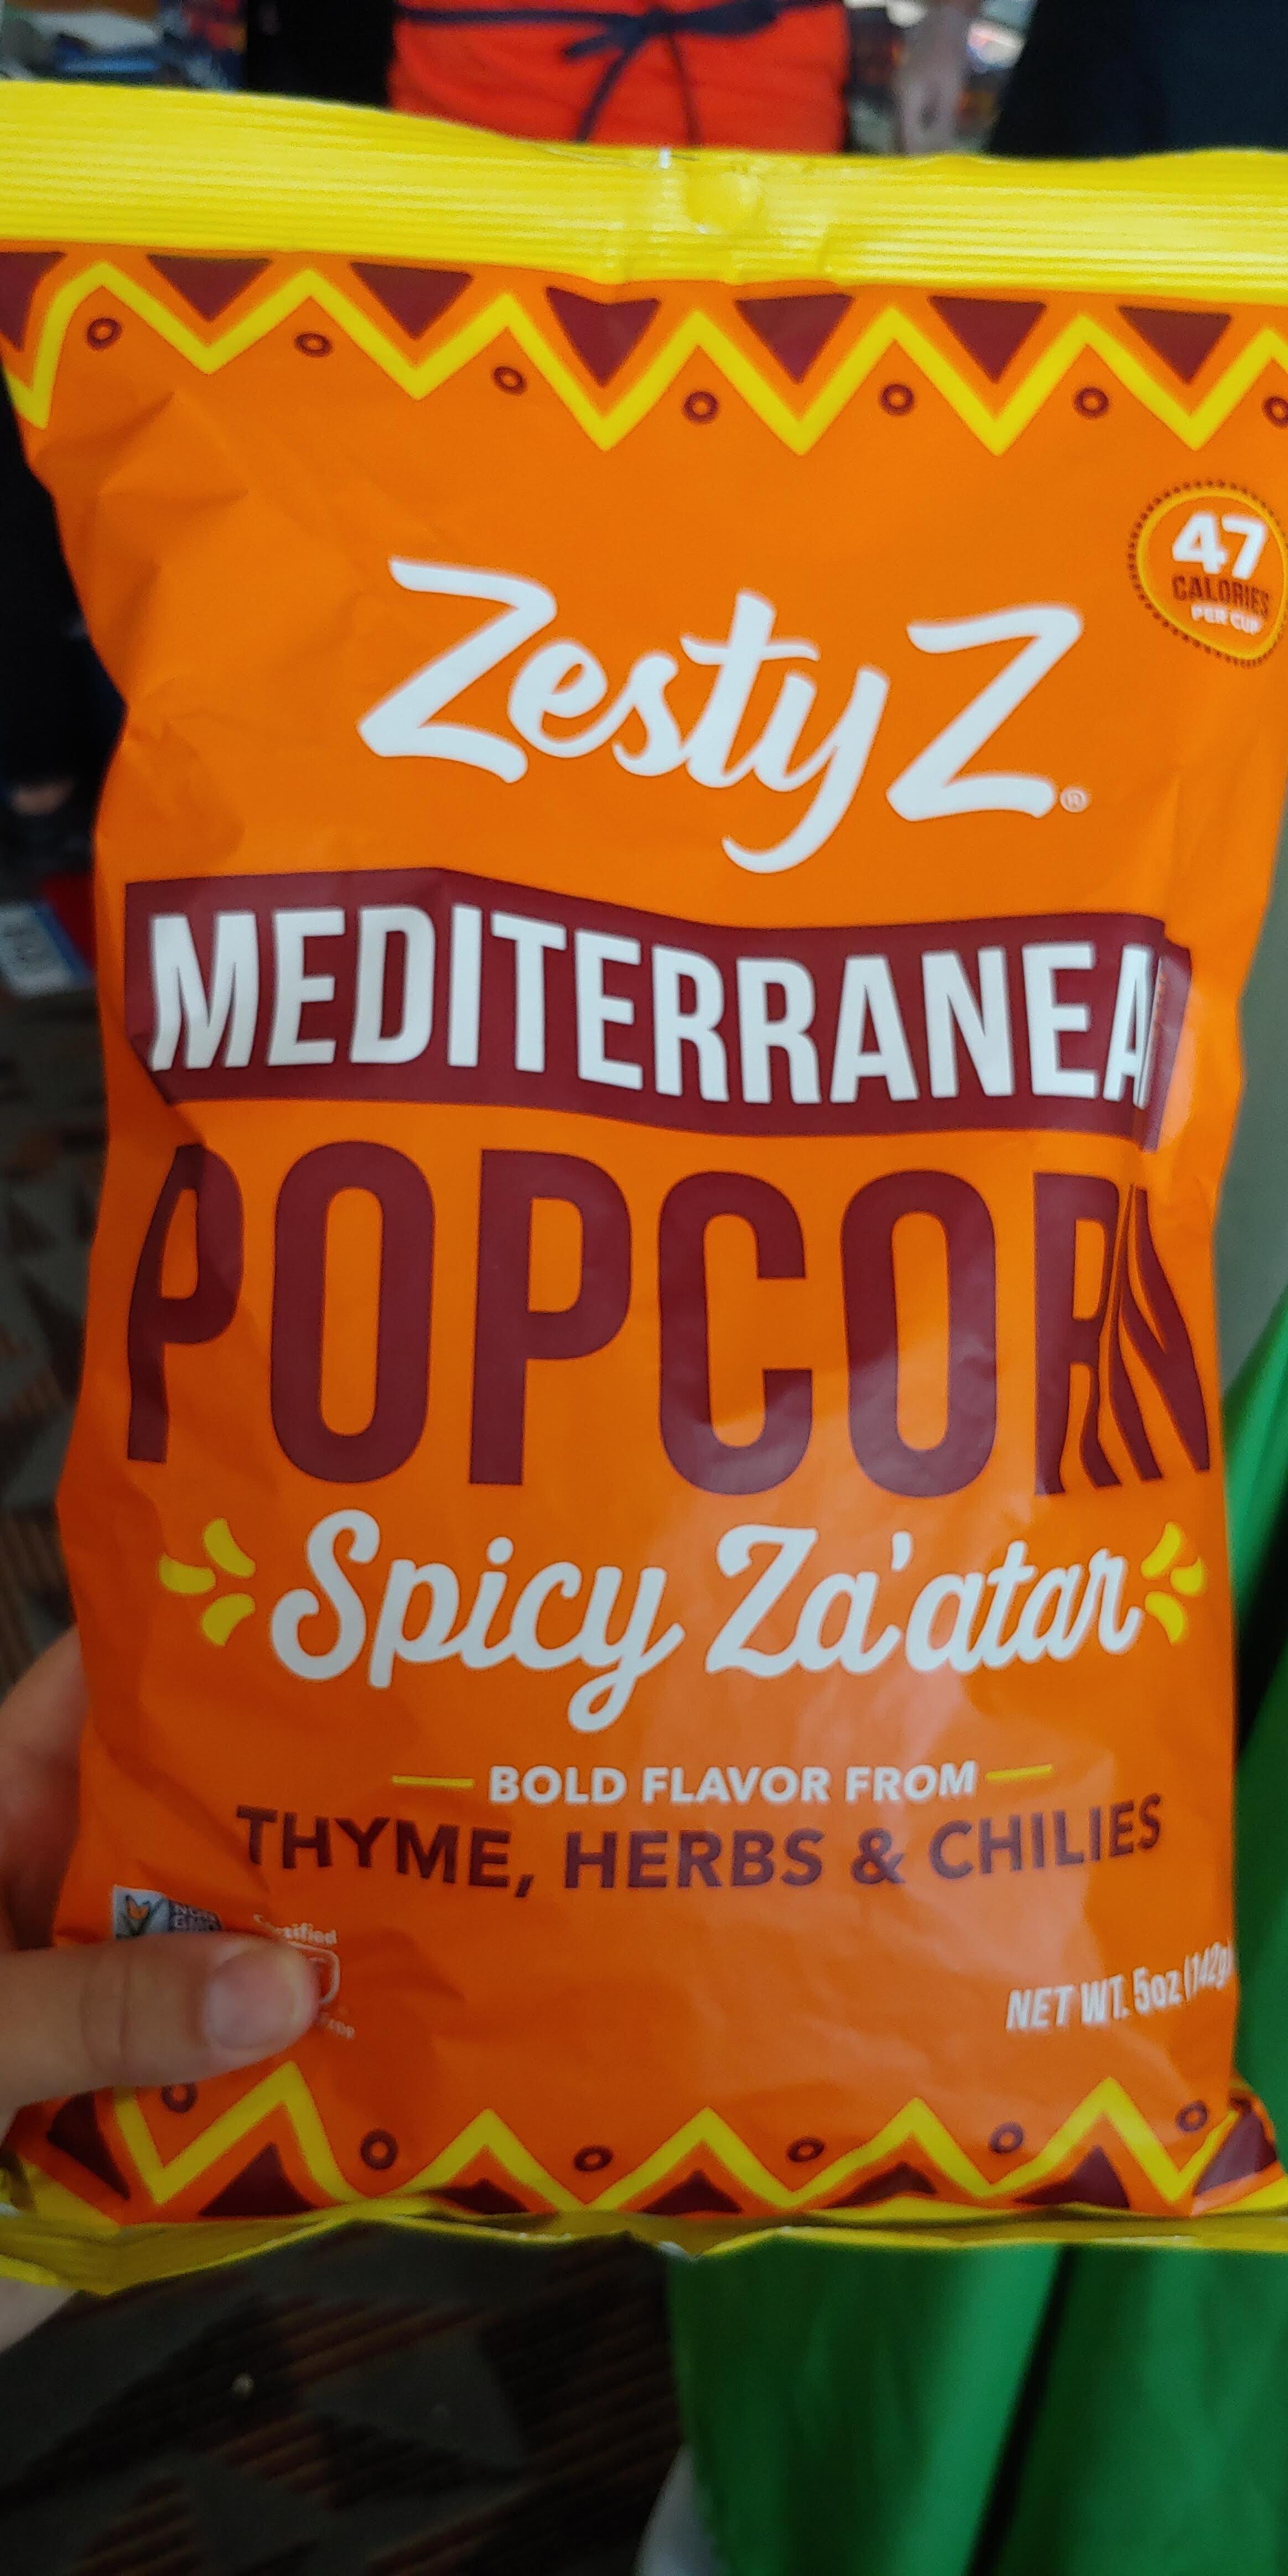 Zatar + popcorn = love